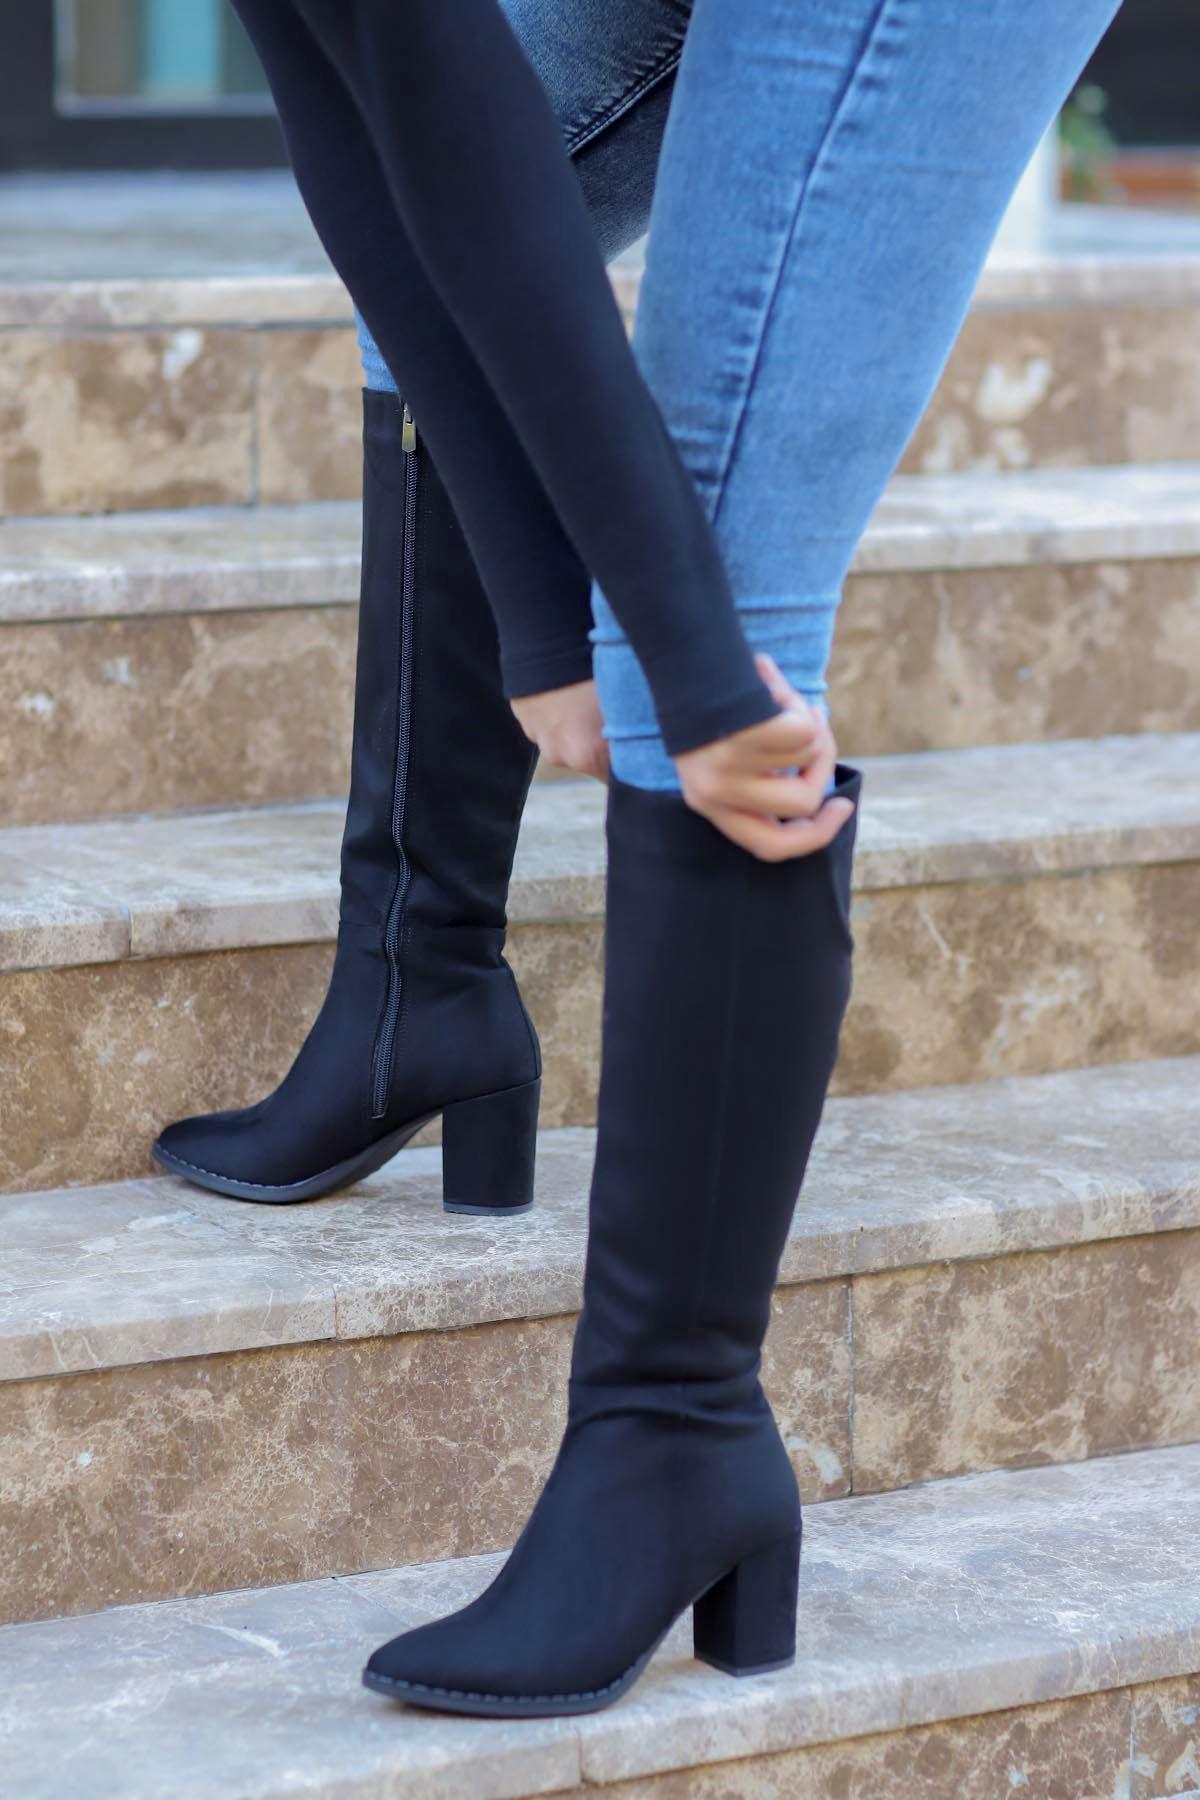 mami-5110 Diz Altı Çizme Siyah Süet